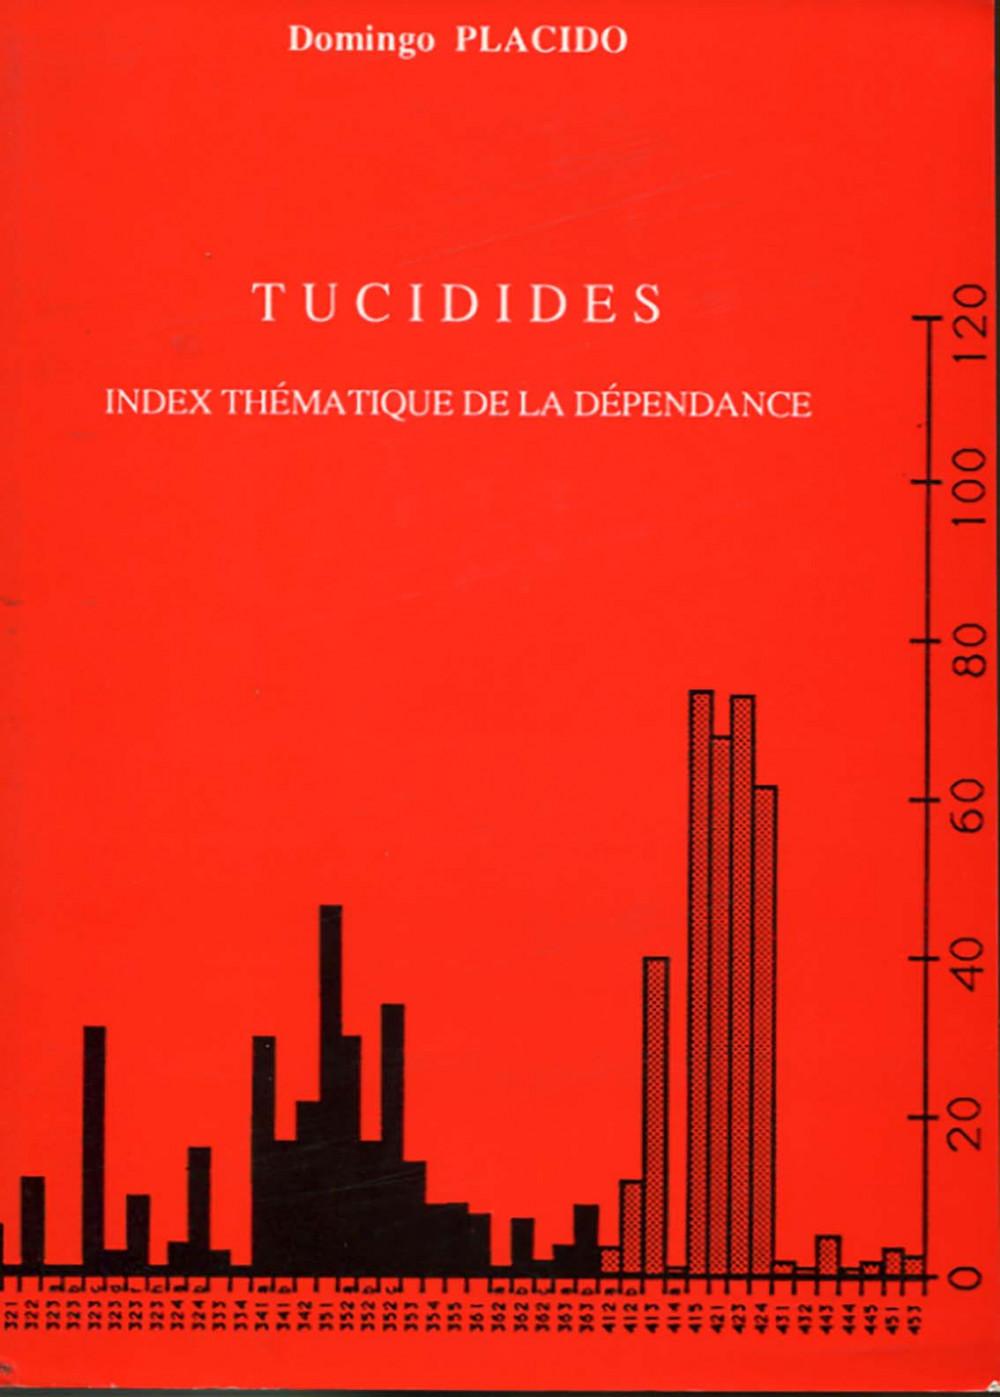 TUCIDIDES Index thématique de la dépendance